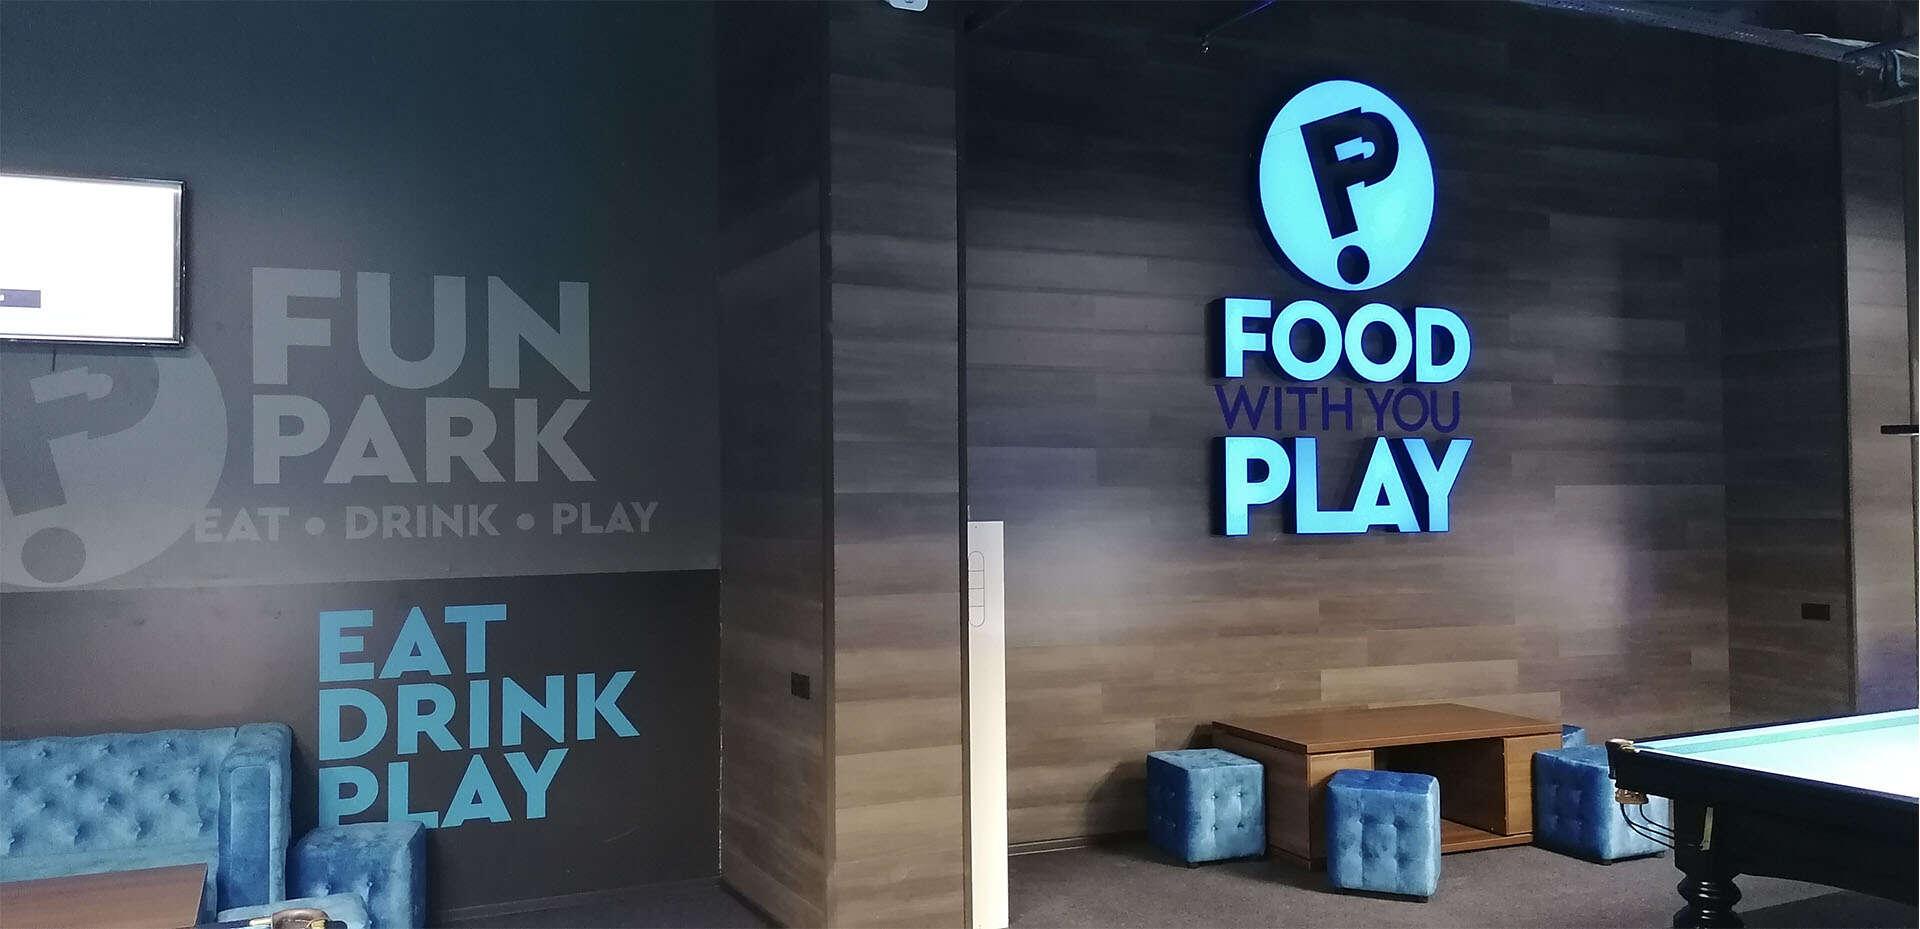 Игровой развлекательный центр FUN PARK. Разработка логотипа и брендбука